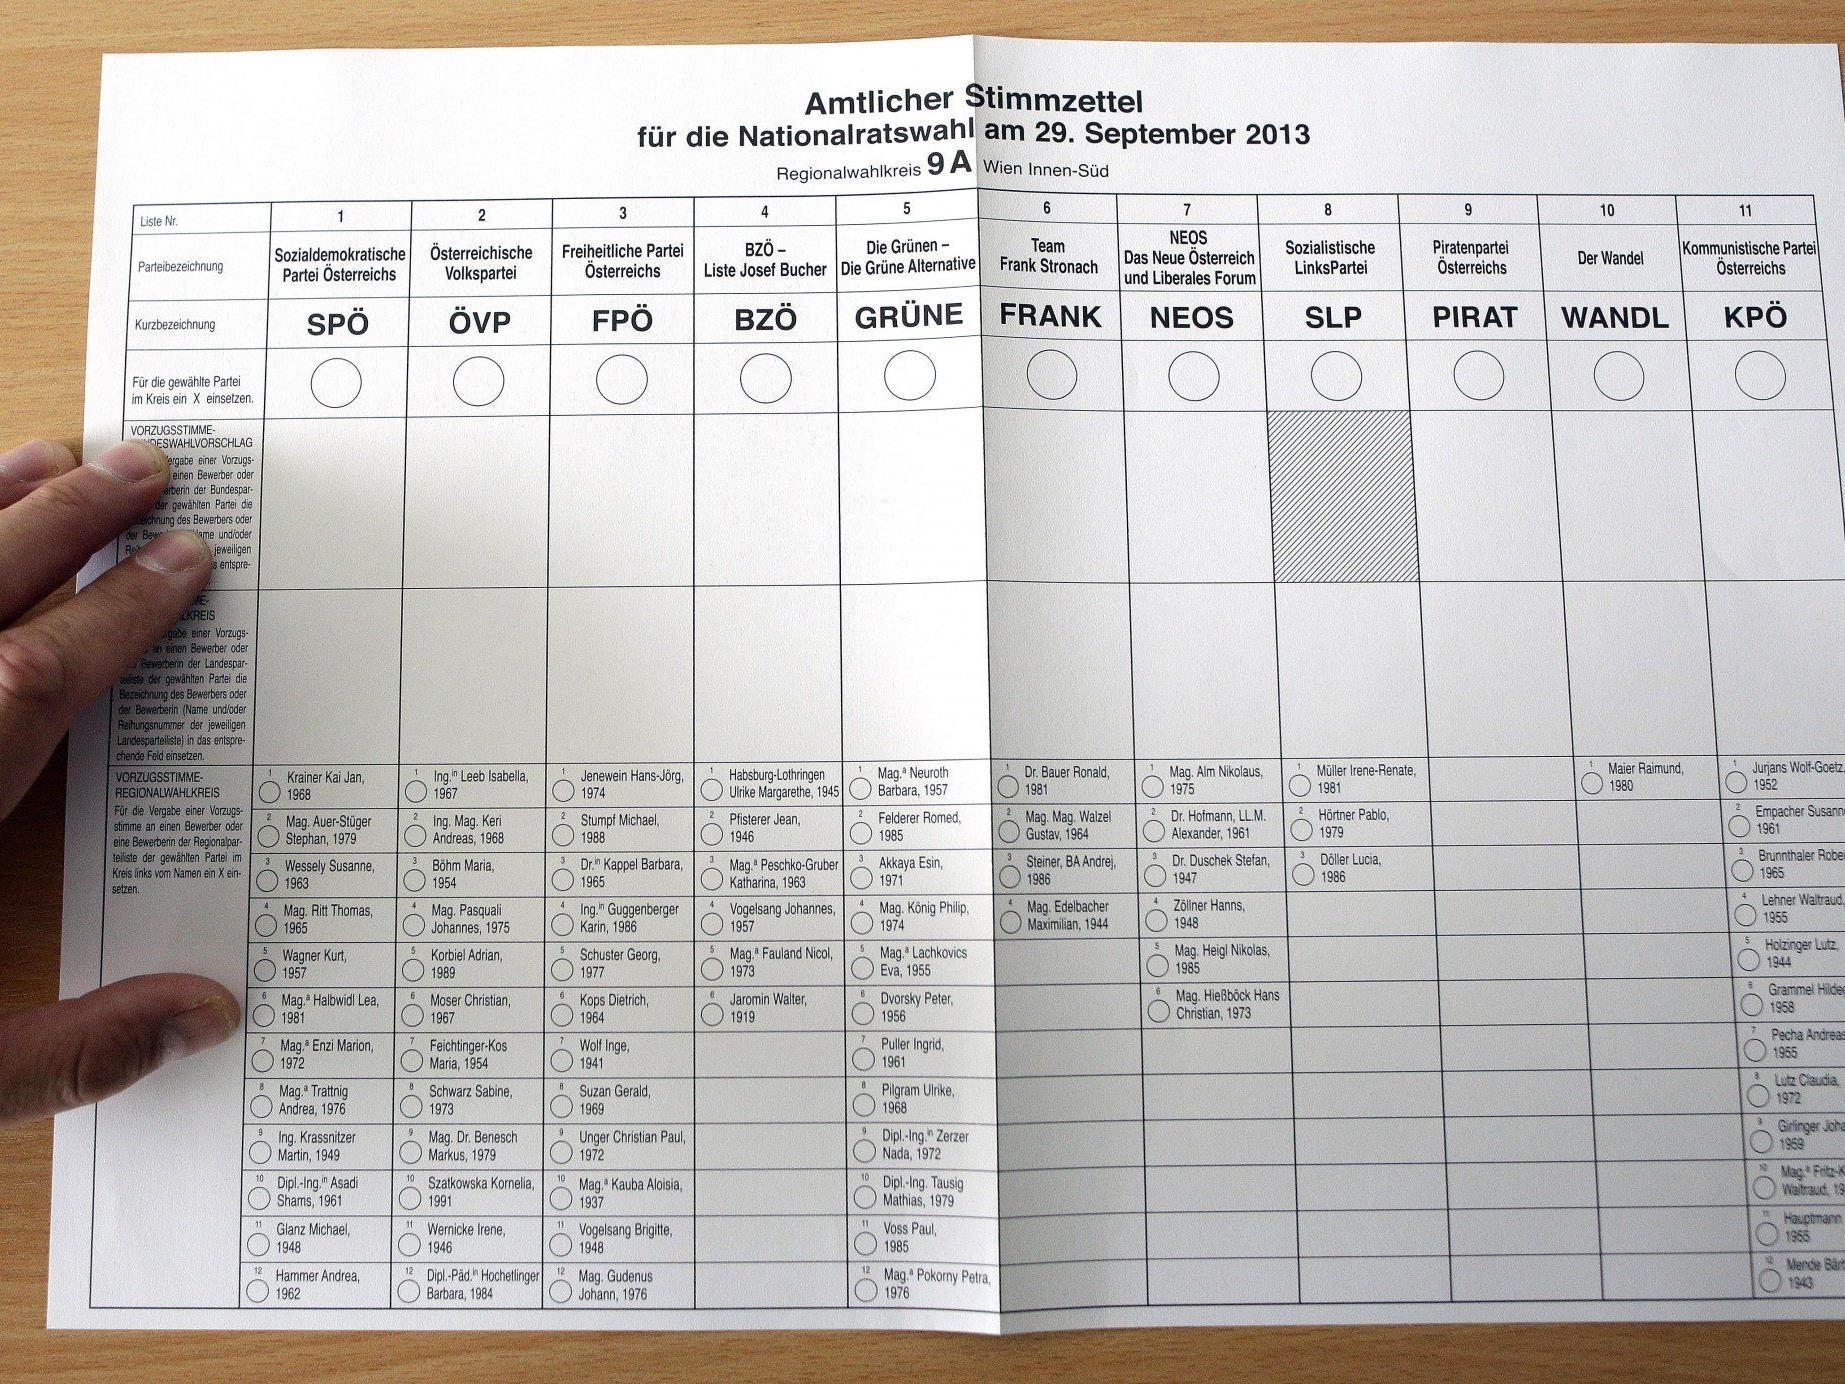 Nationalratswahl 2013: An die 7,7 Millionen Stimmzettel mit den Parteibezeichnungen wurden bereits gedruckt.